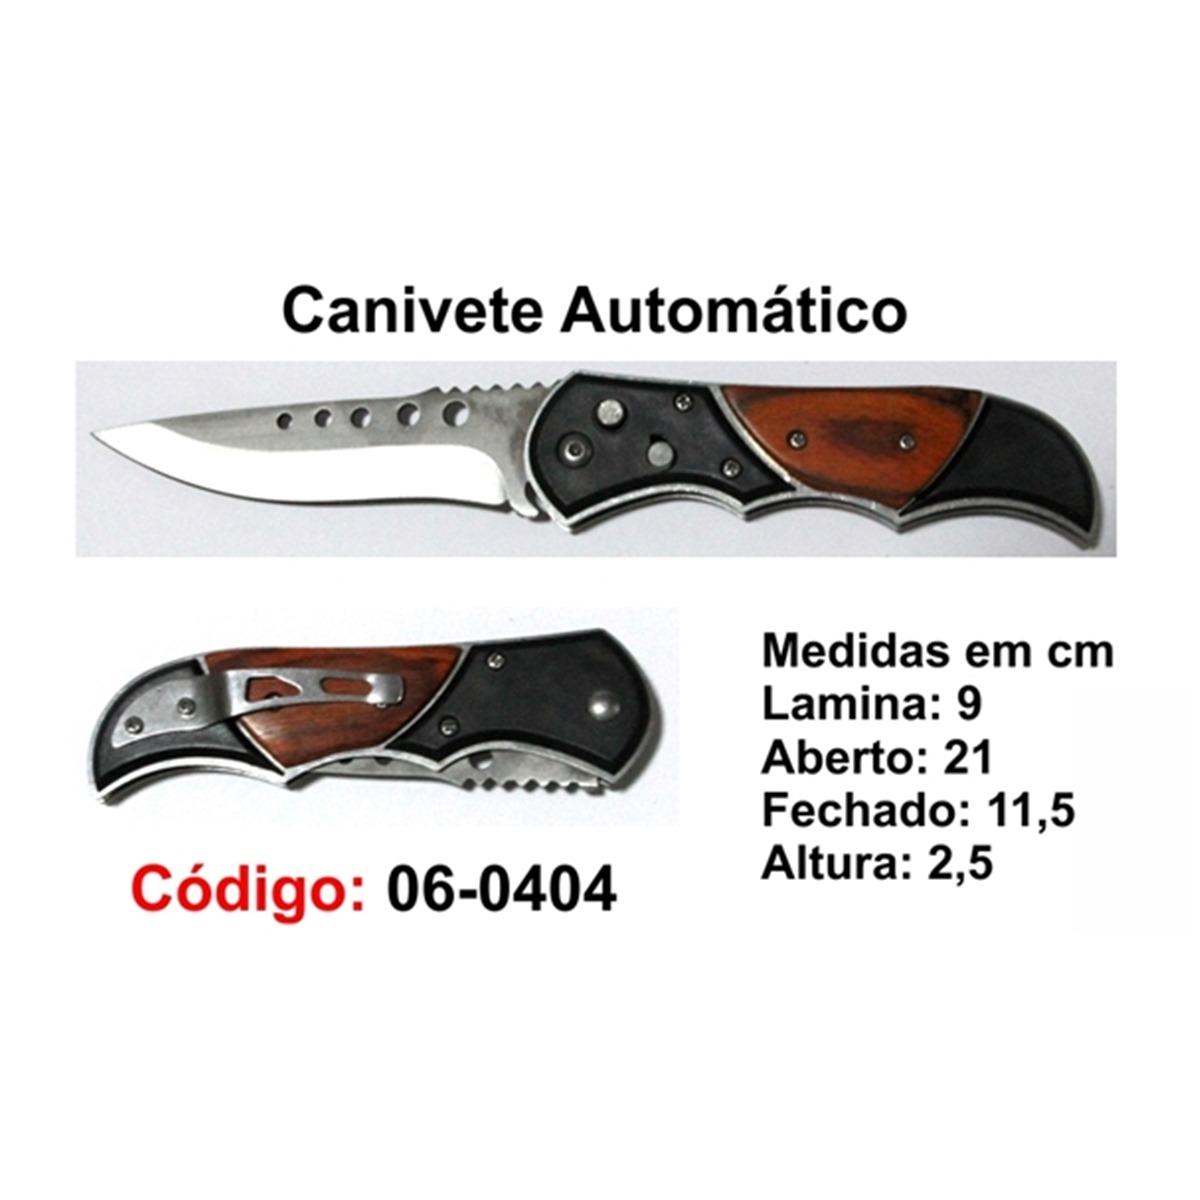 Canivete Esportivo Automático Caça Pesca Etc. 06-0404